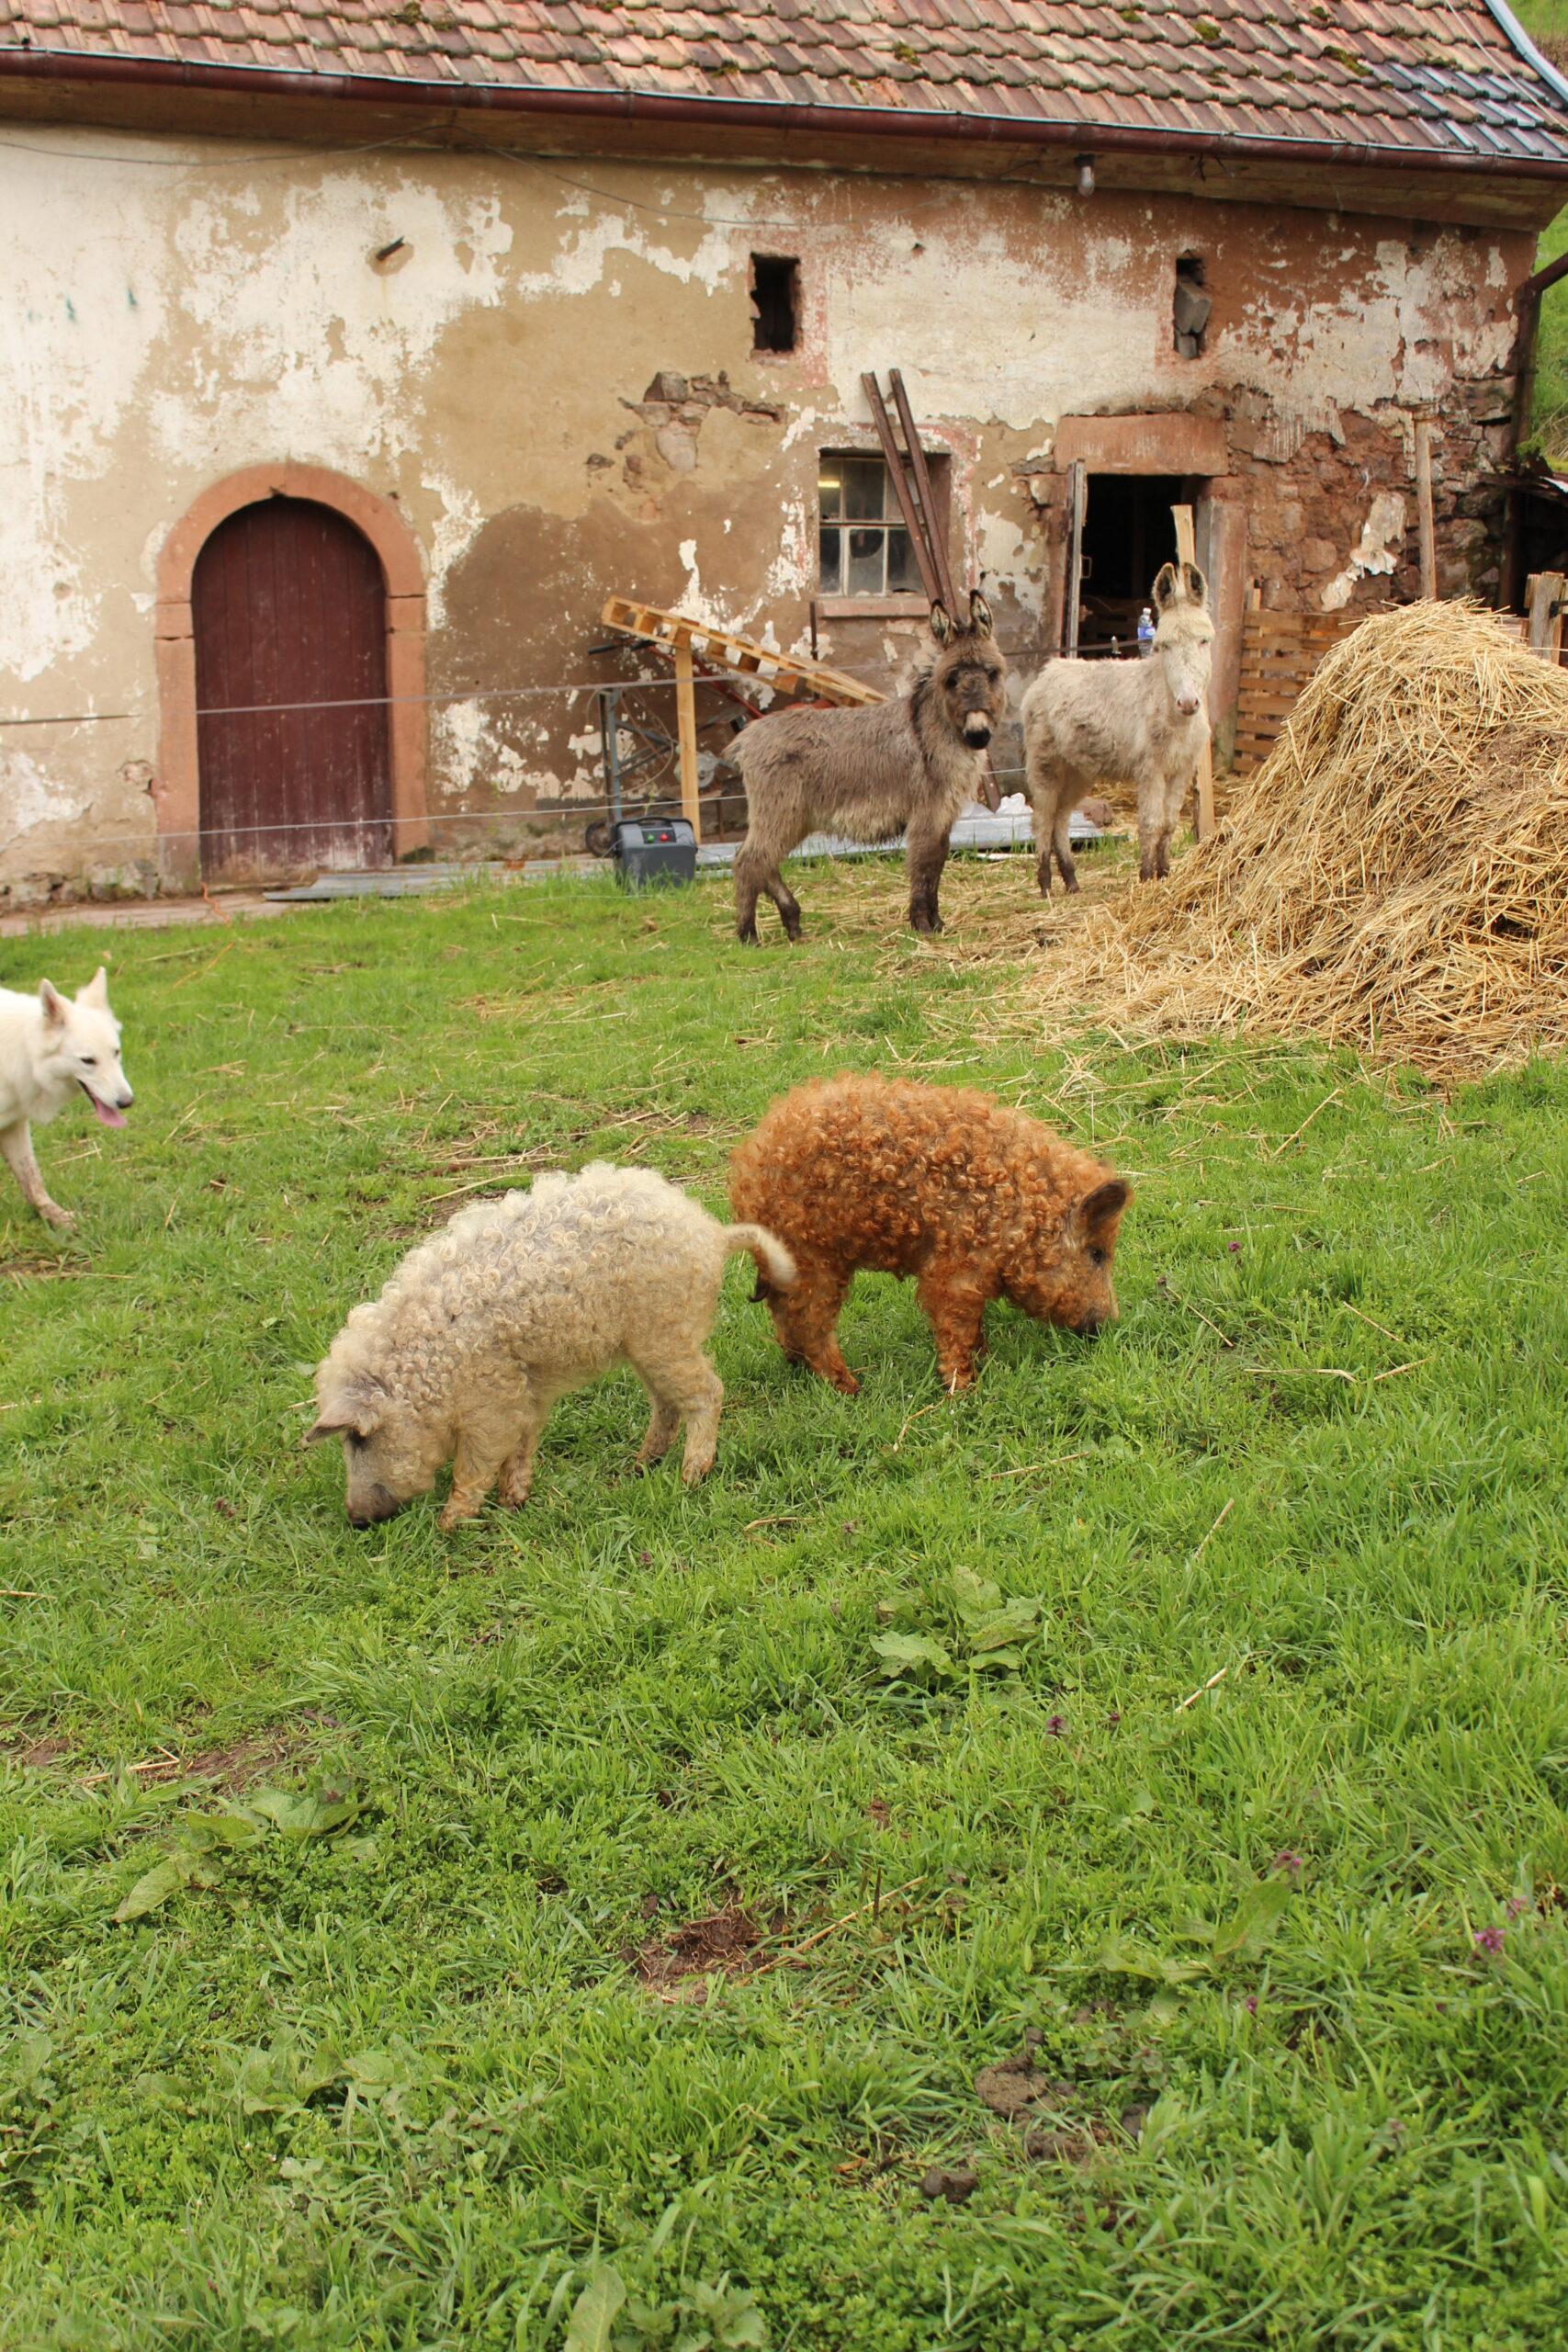 cochons-laineux-coquine-rouquine-une-ferme-a-la-bassette